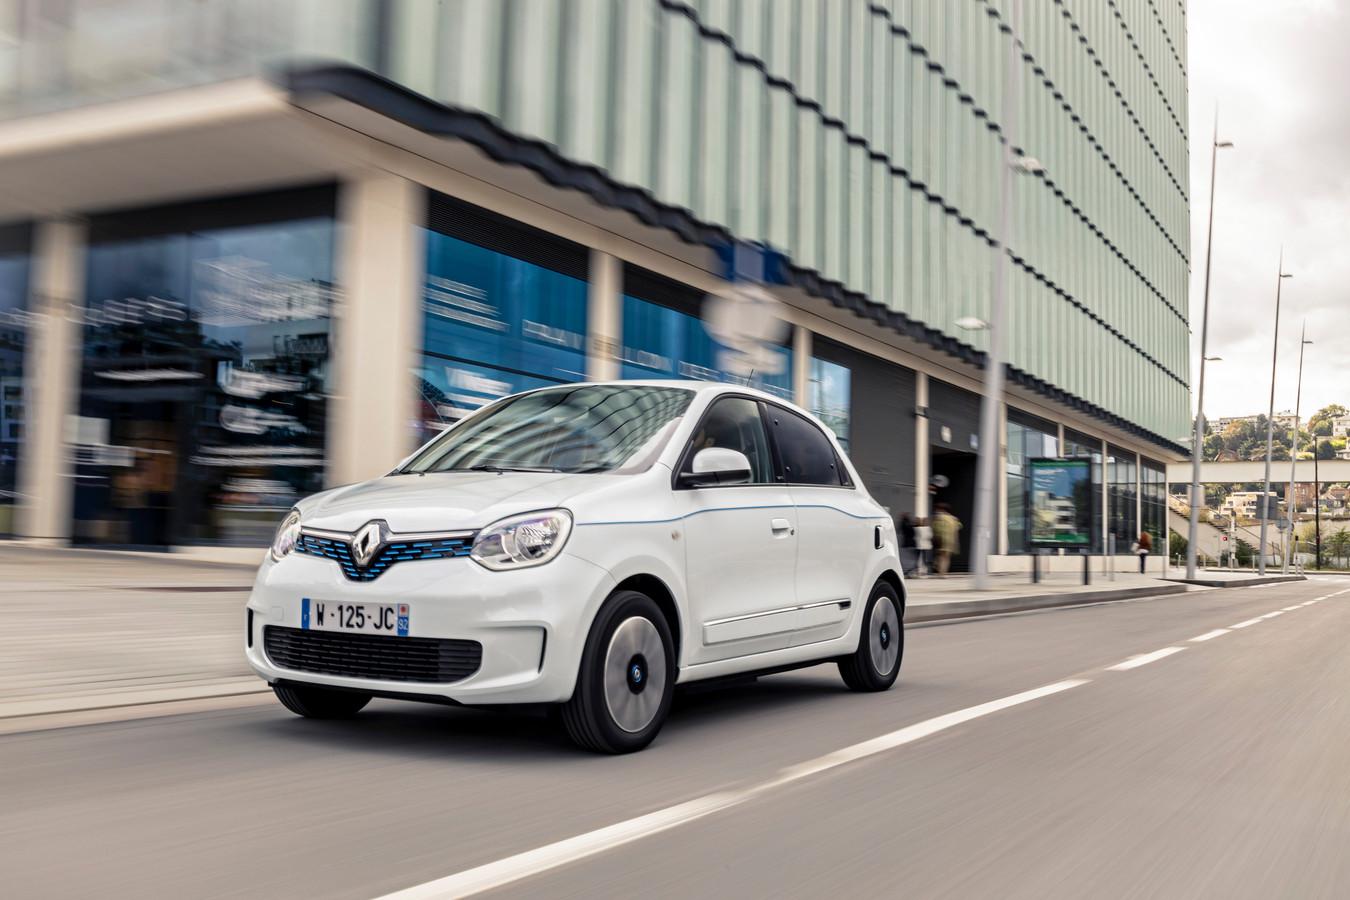 De elektrische Renault Twingo komt het verst in de stad en laadt het snelst in de stad.